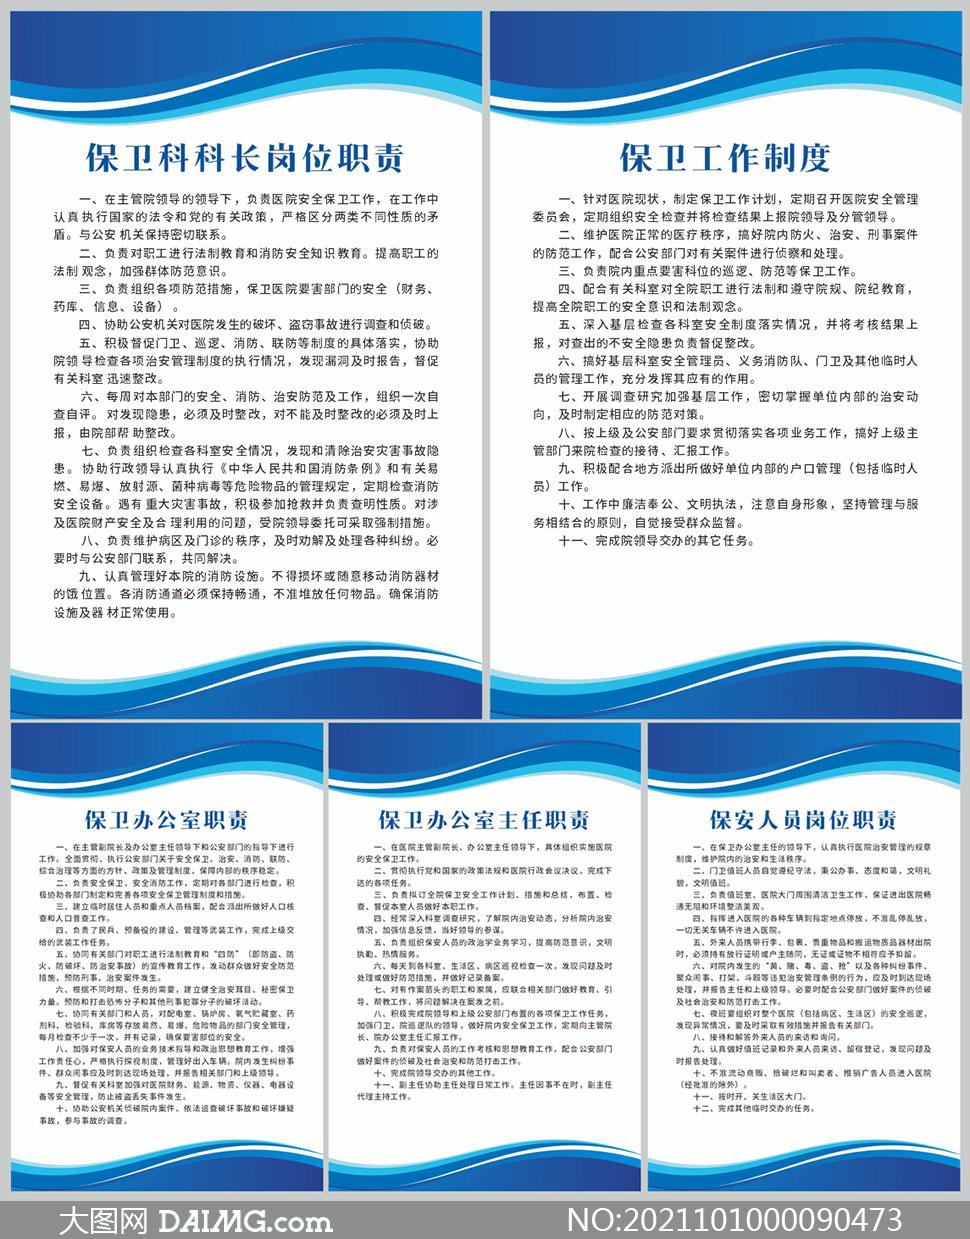 企业保卫科保卫工作制度板矢量素材